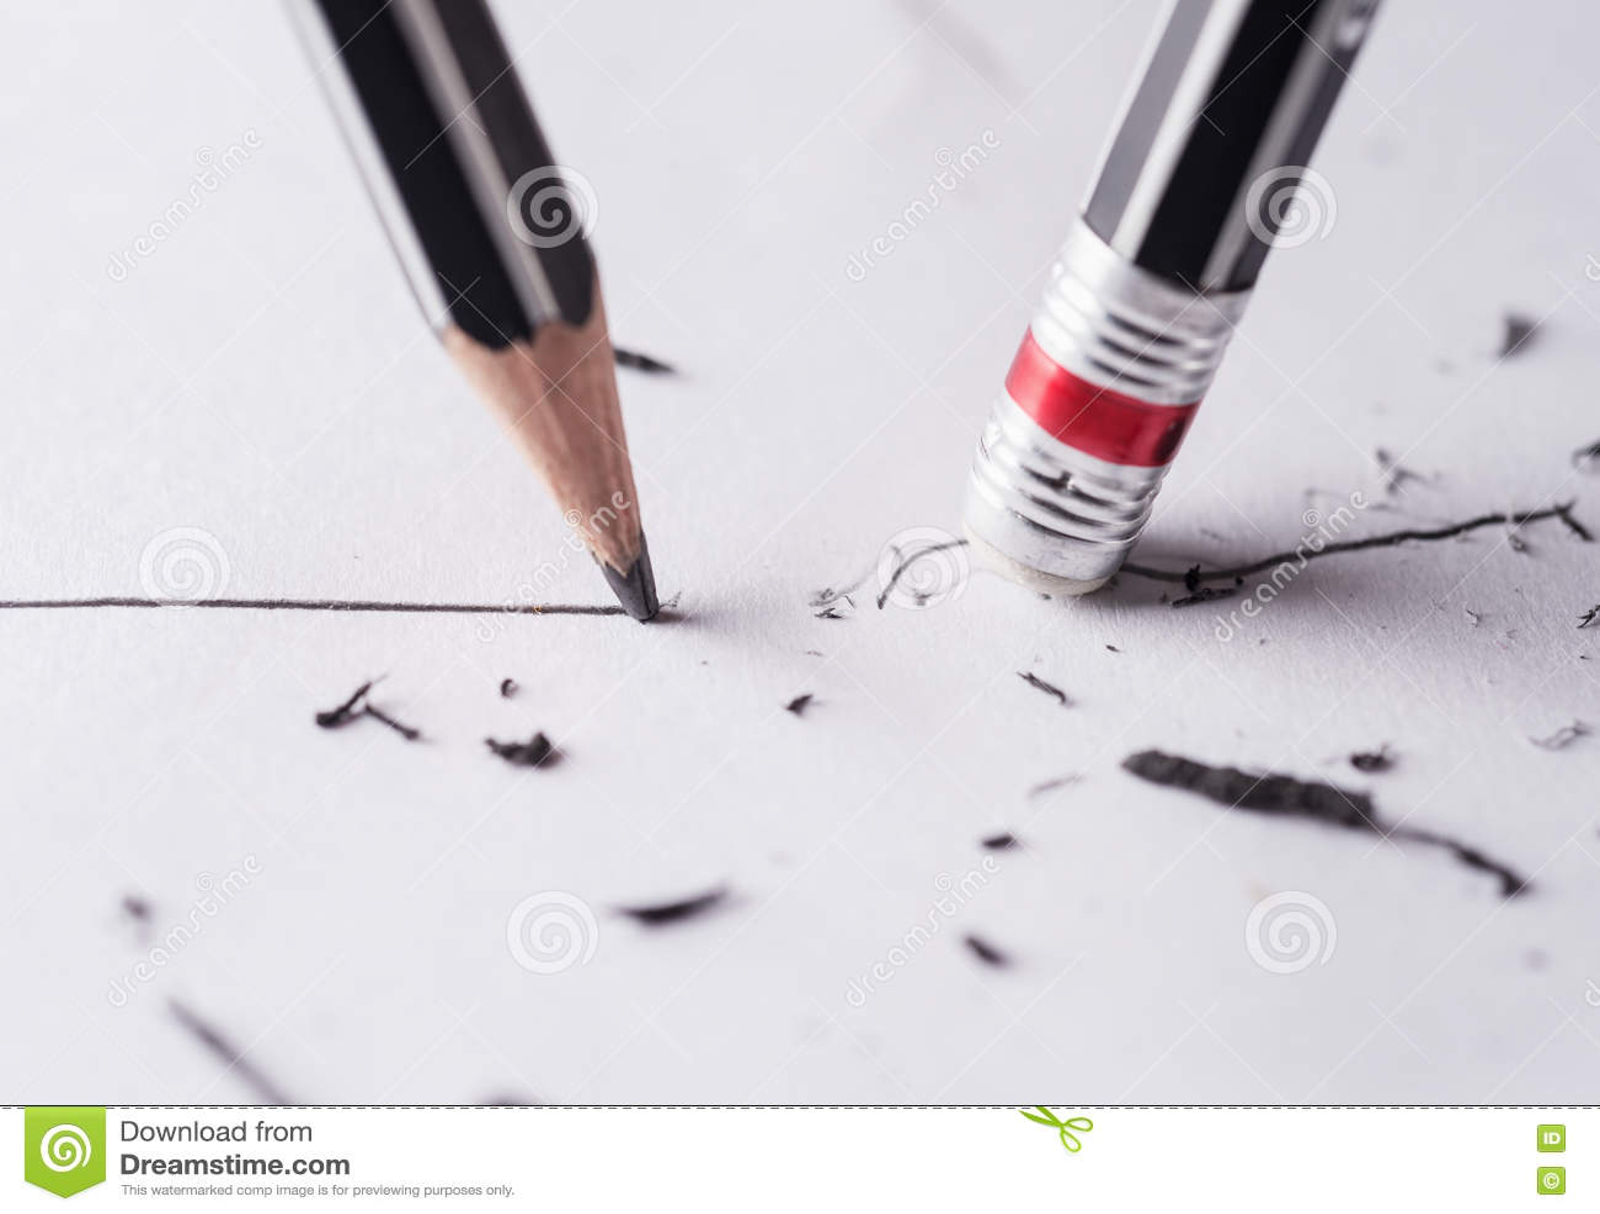 Skriv och radera